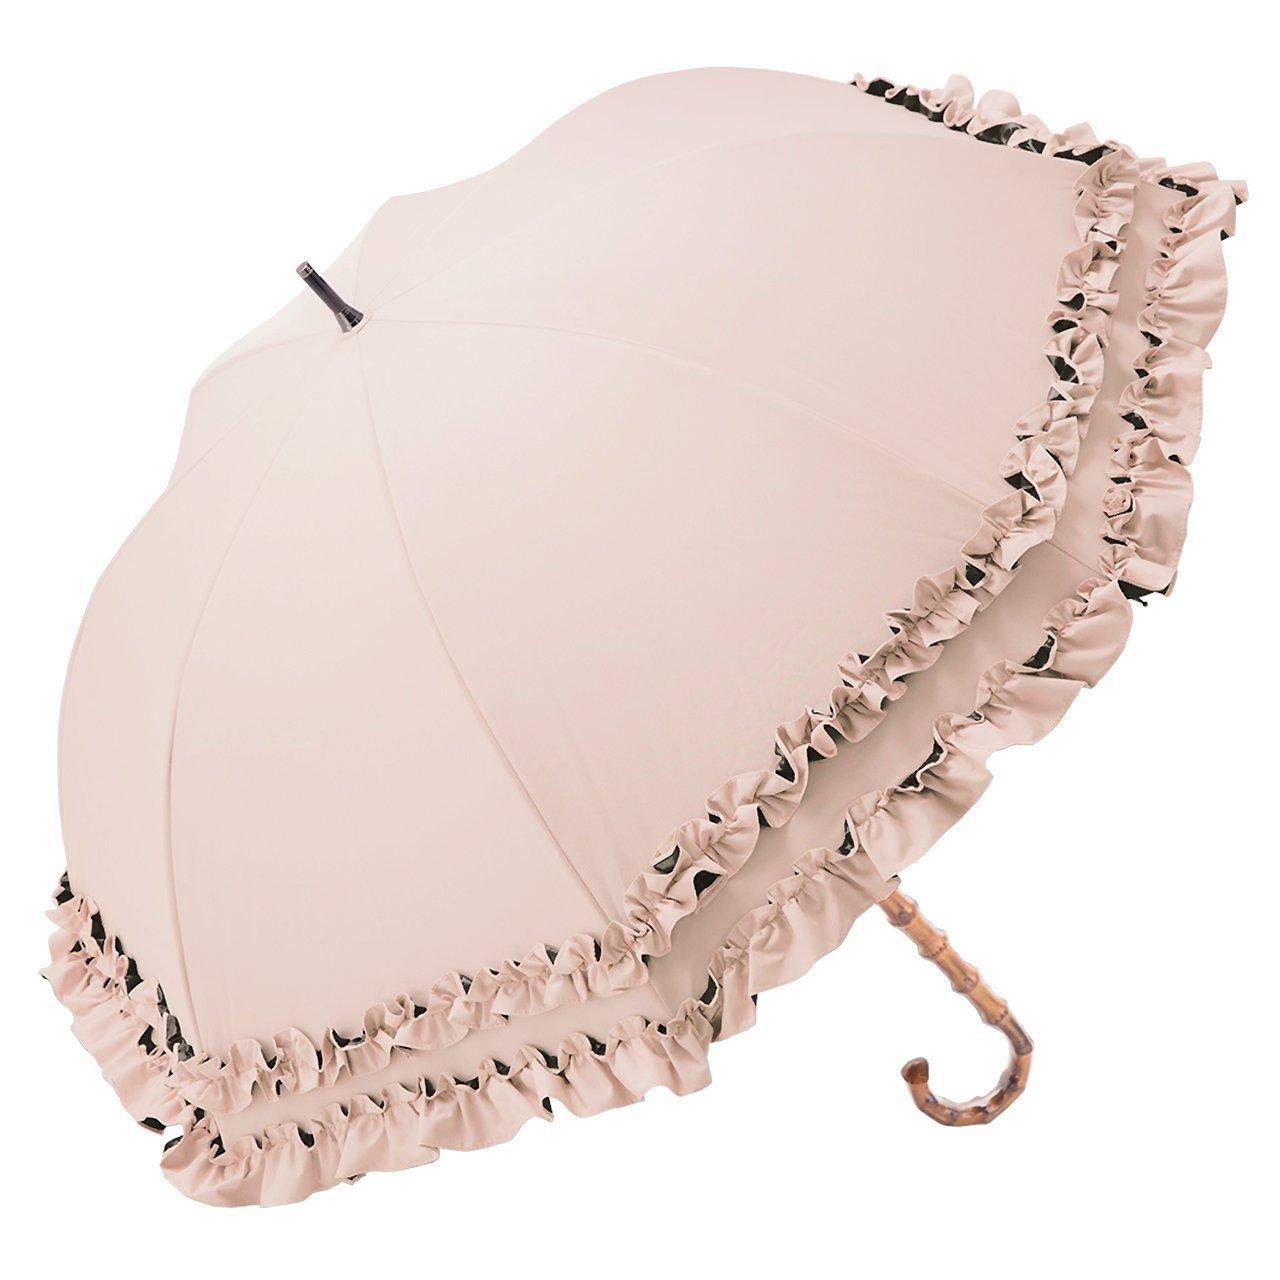 【Rose Blanc】100%完全遮光 日傘 ダブルフリル ミドルサイズ 55cm (ピンク) B07CBZS26F ピンク